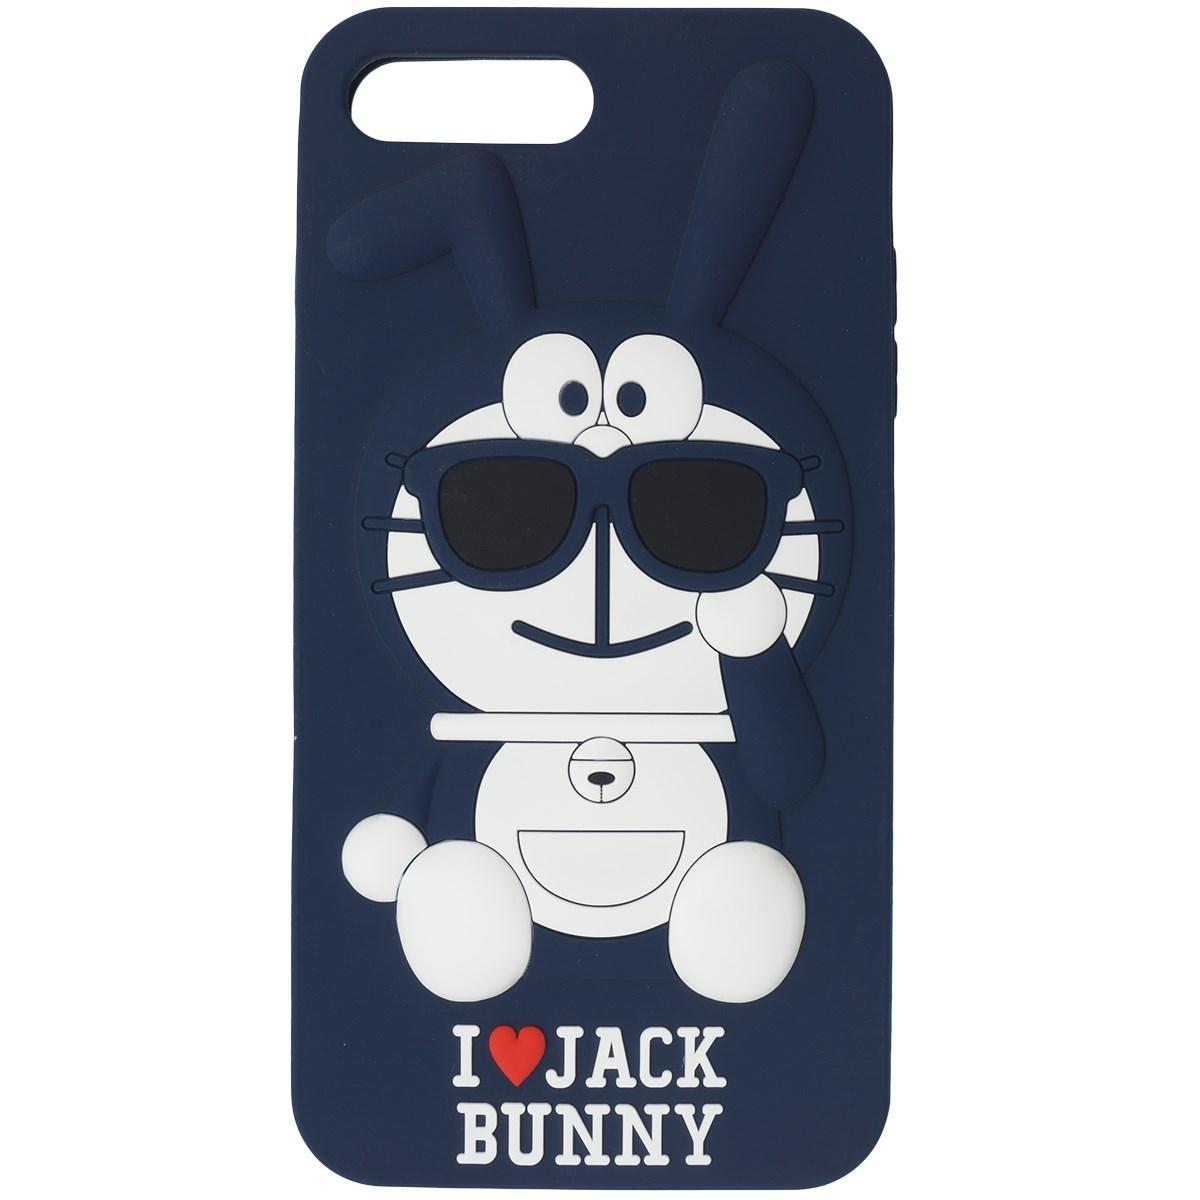 ジャックバニー バイ パーリーゲイツ ドラえもん iPhoneケース 7plus.8plus